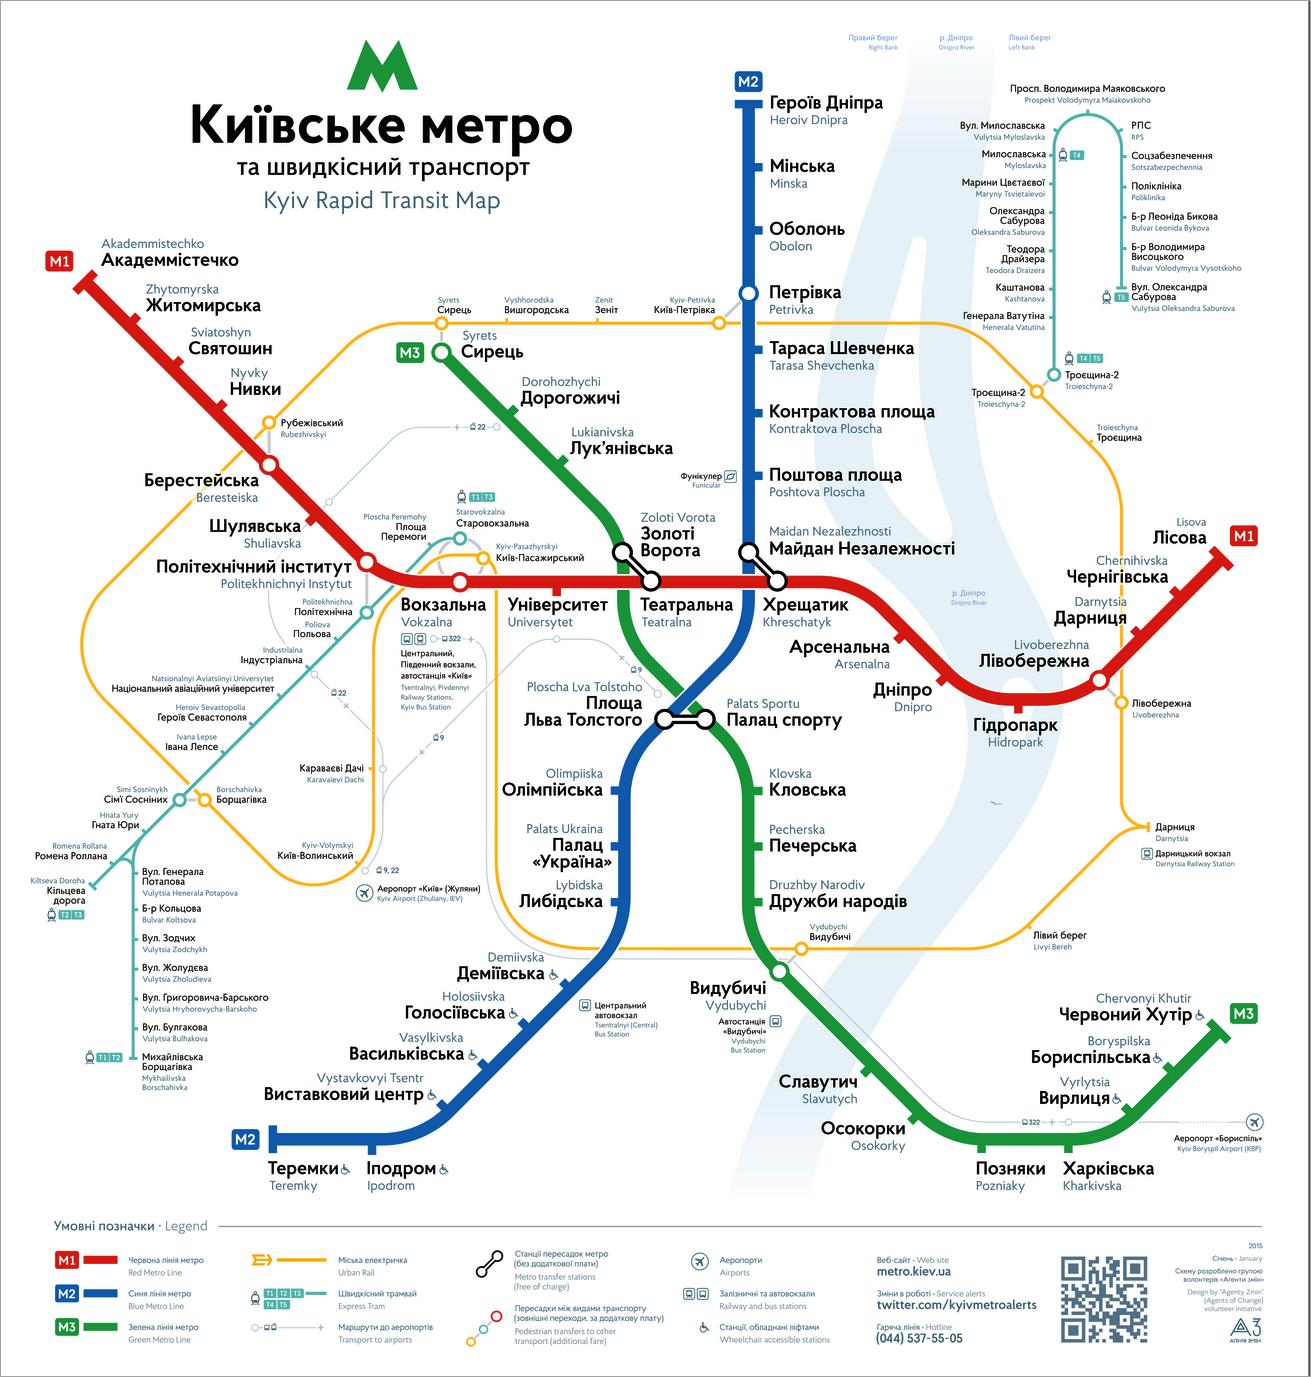 СХЕМА КАРТА МЕТРО КИЕВ